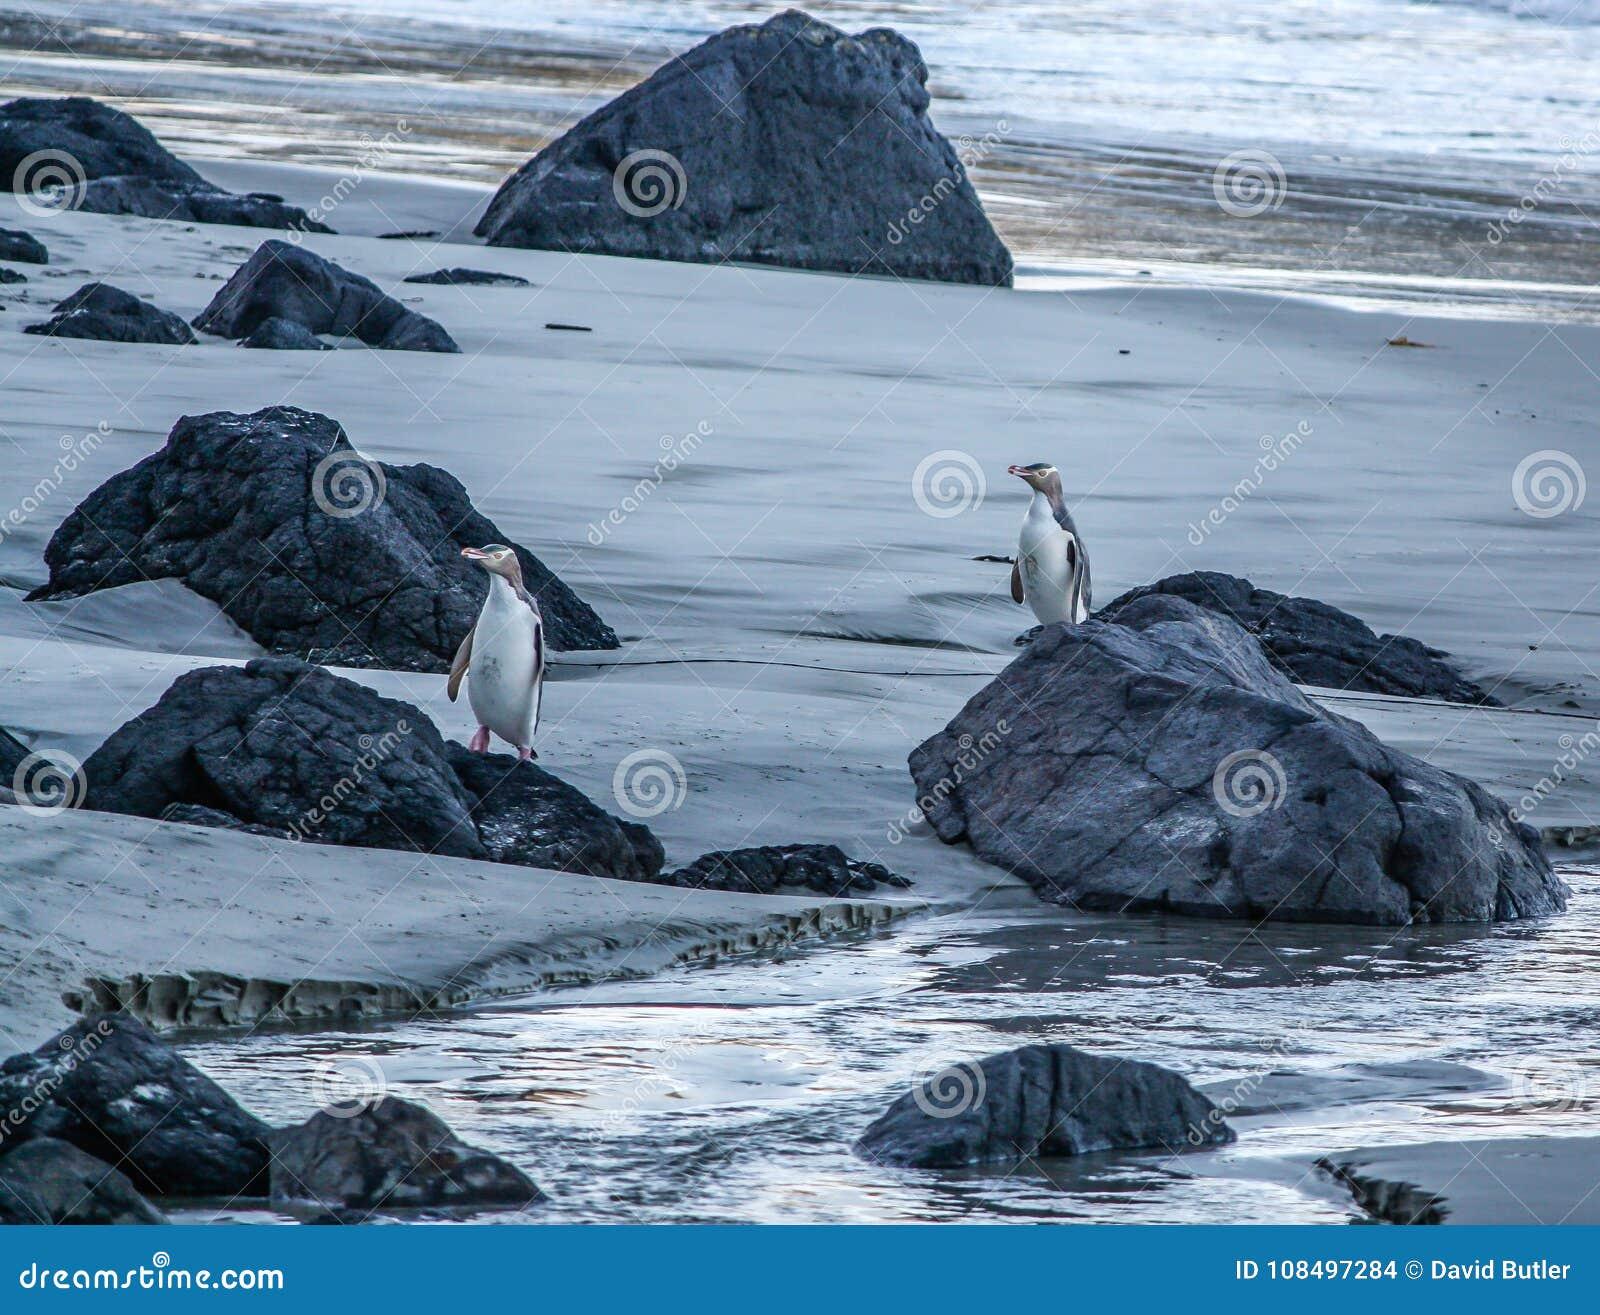 Jaunissez les pingouins observés sur la plage, Otago, Nouvelle-Zélande